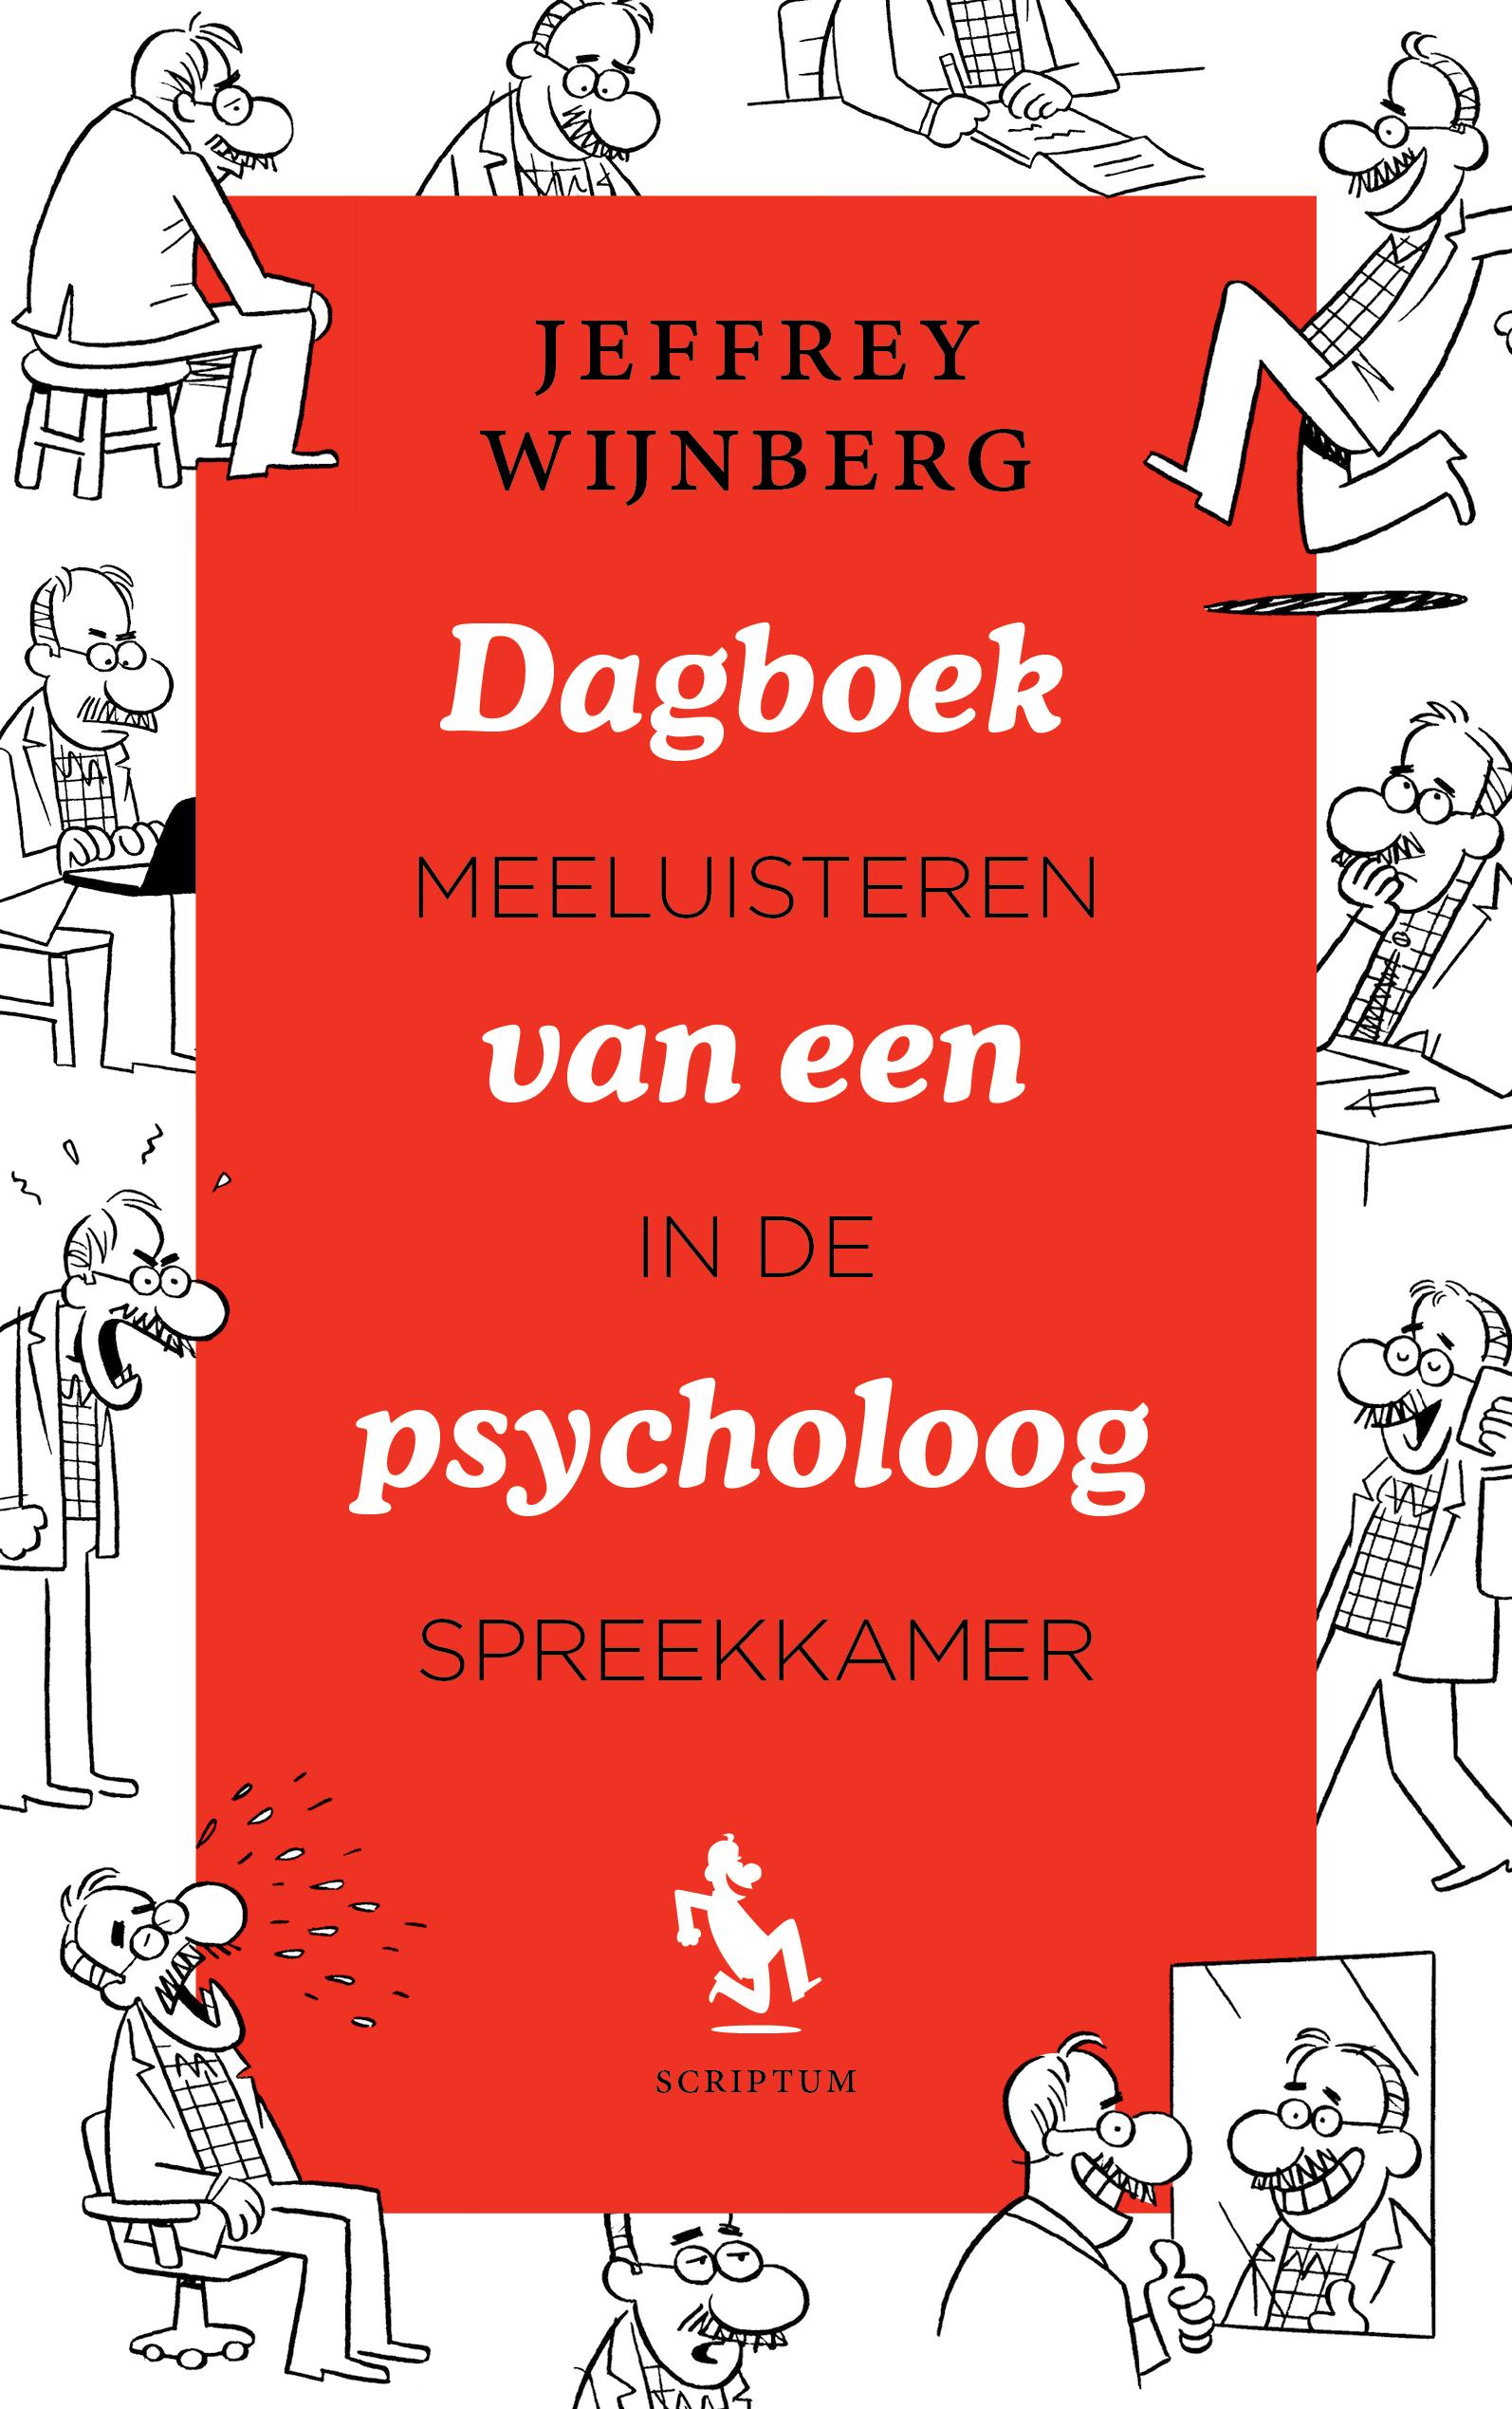 cover dagboek van een psycholoog